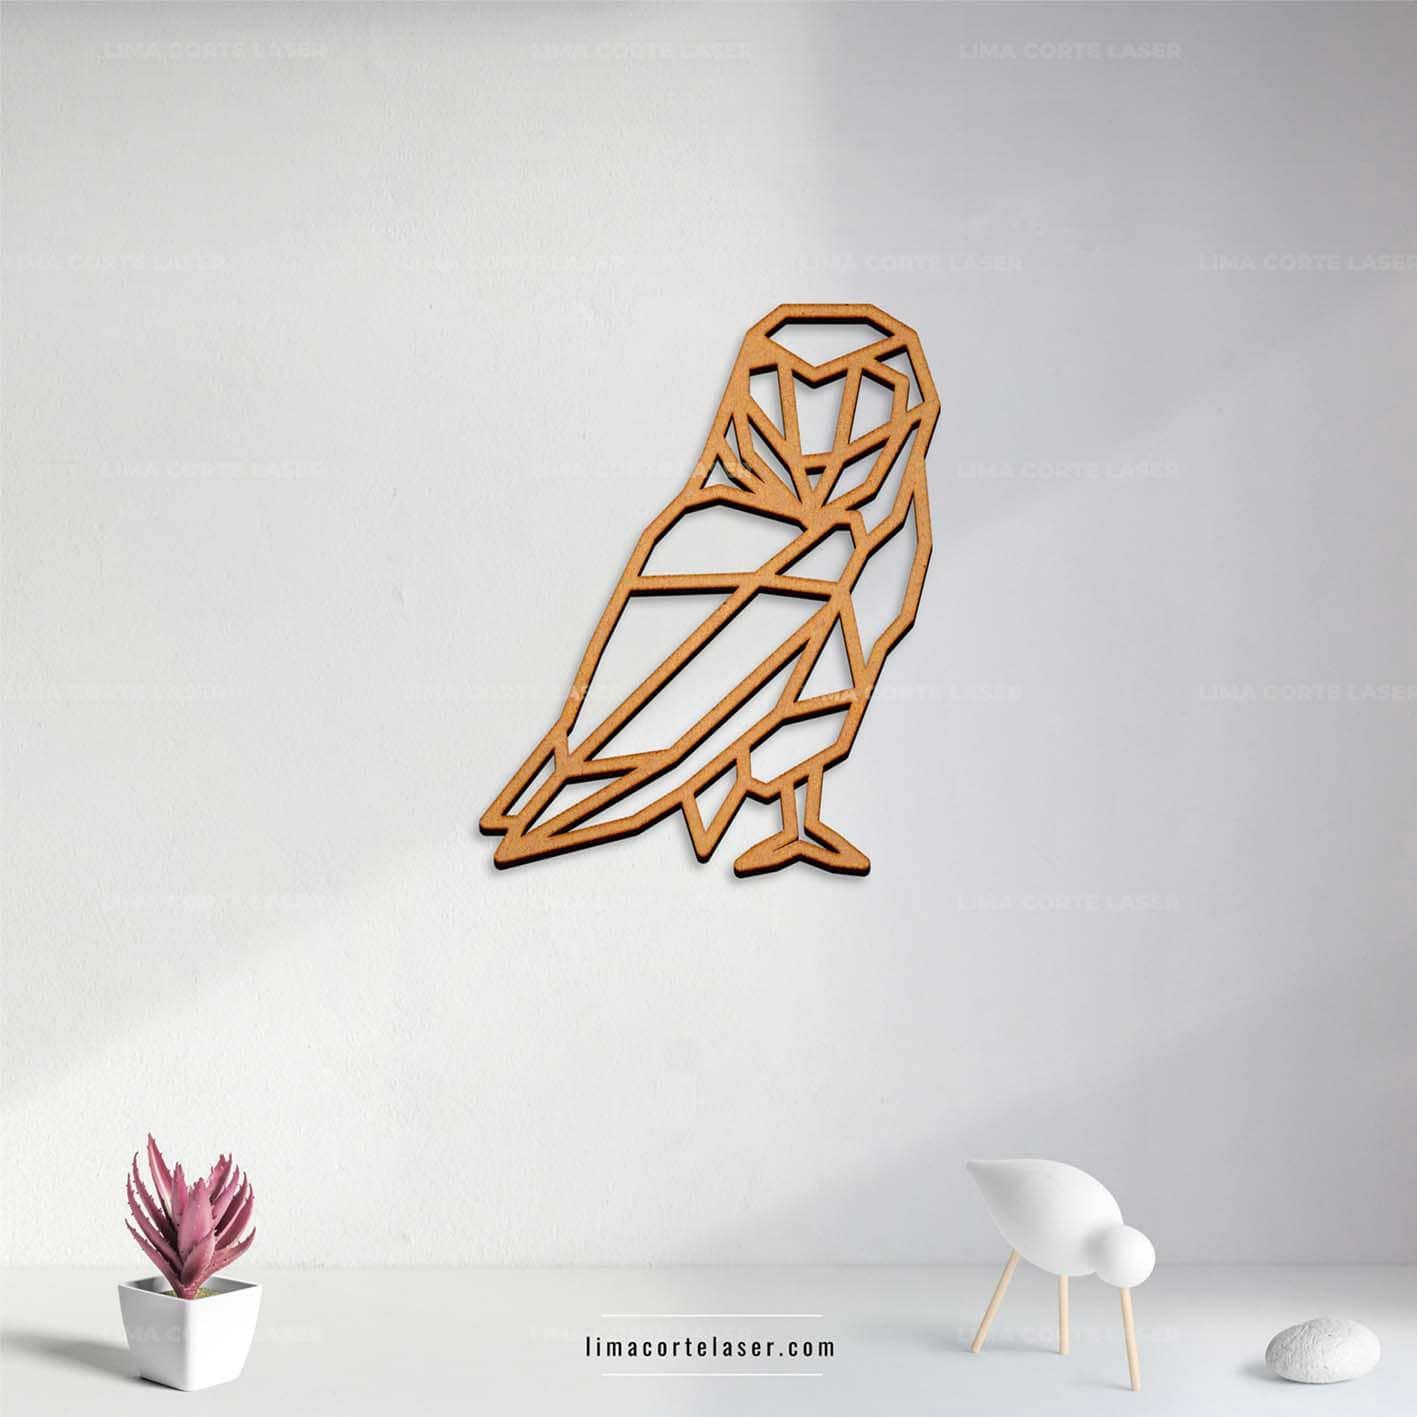 Corte láser MDF con la figura de búho geométrico ideal para un adorno para pared